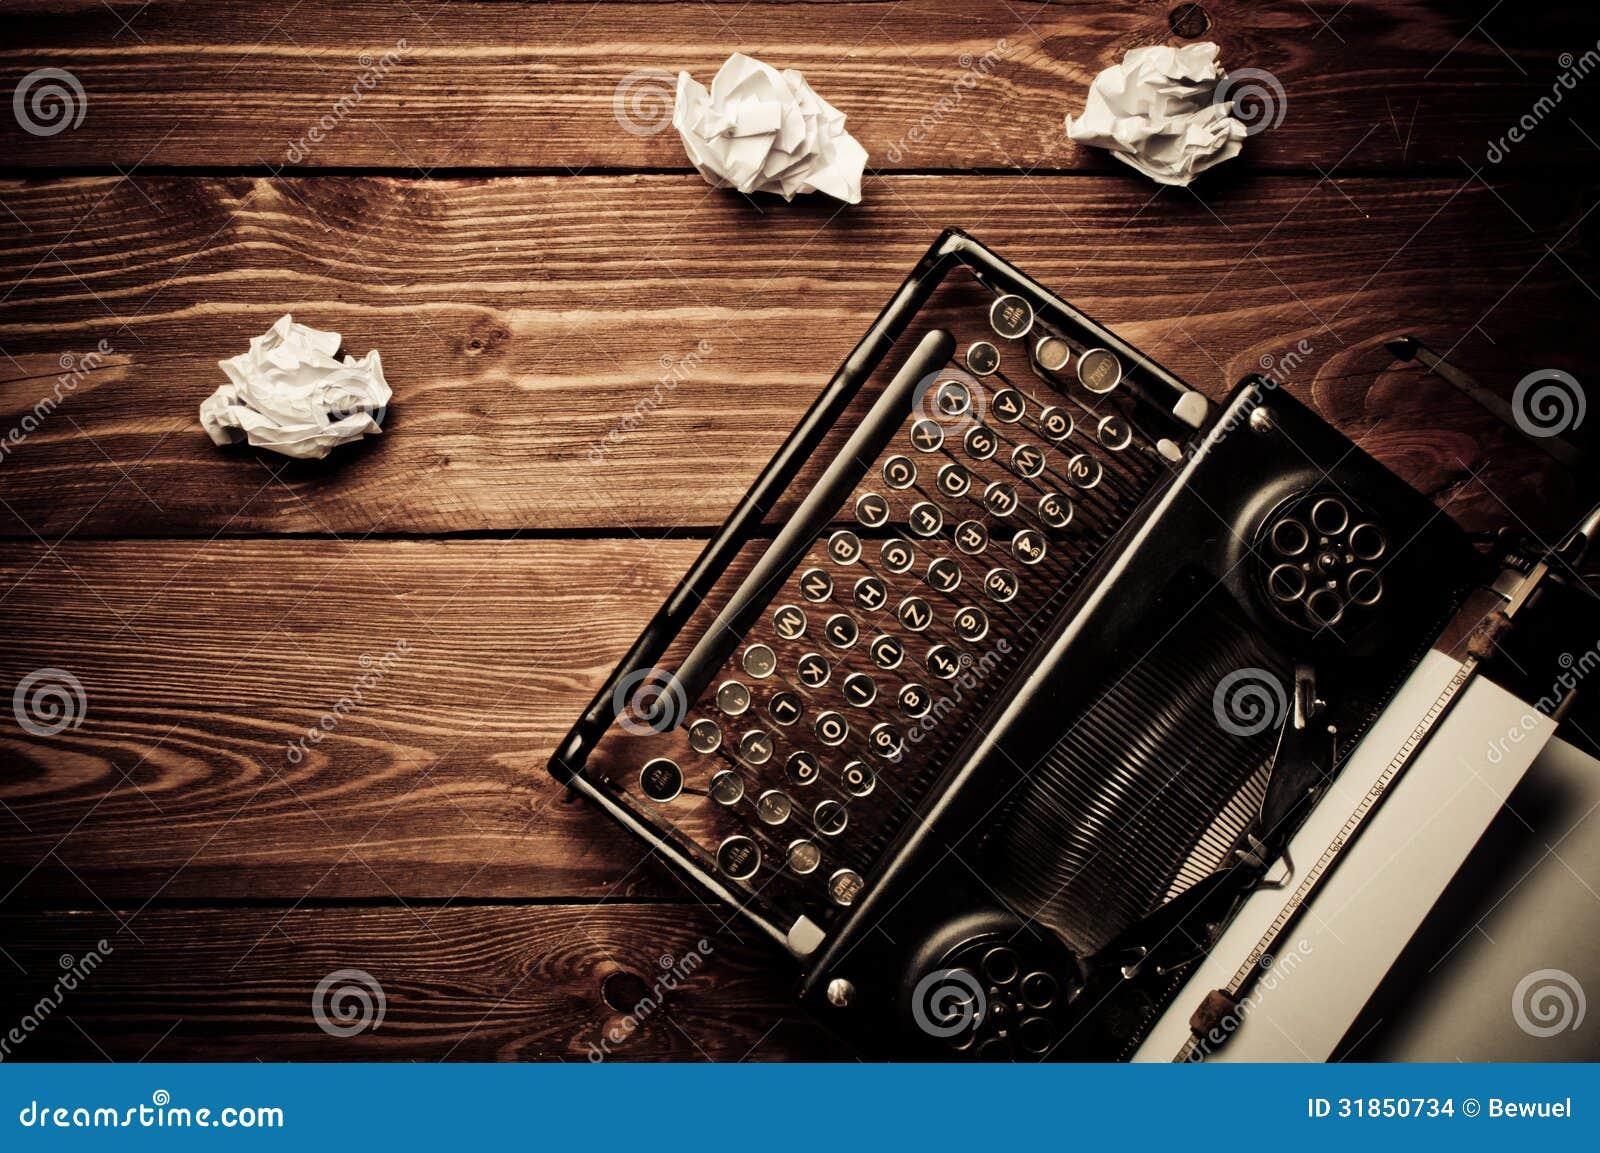 Vintage Typewriter And... Vintage Typewriter Paper Photography